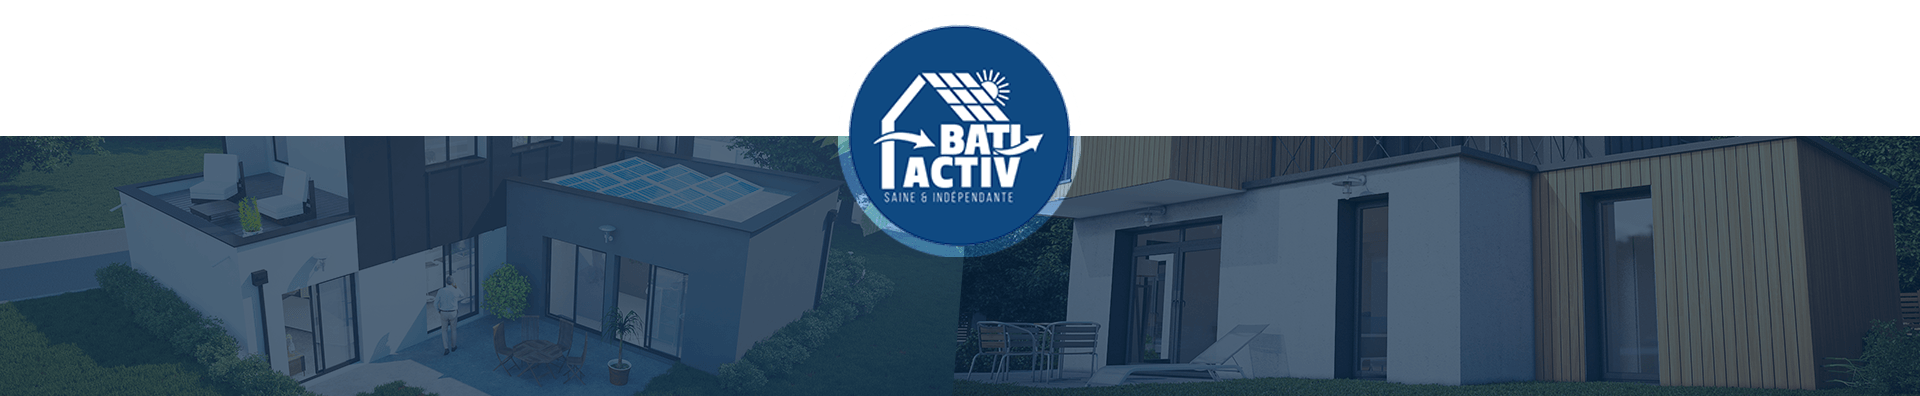 Maison Bâti Activ : l'avenir commence aujourd'hui !